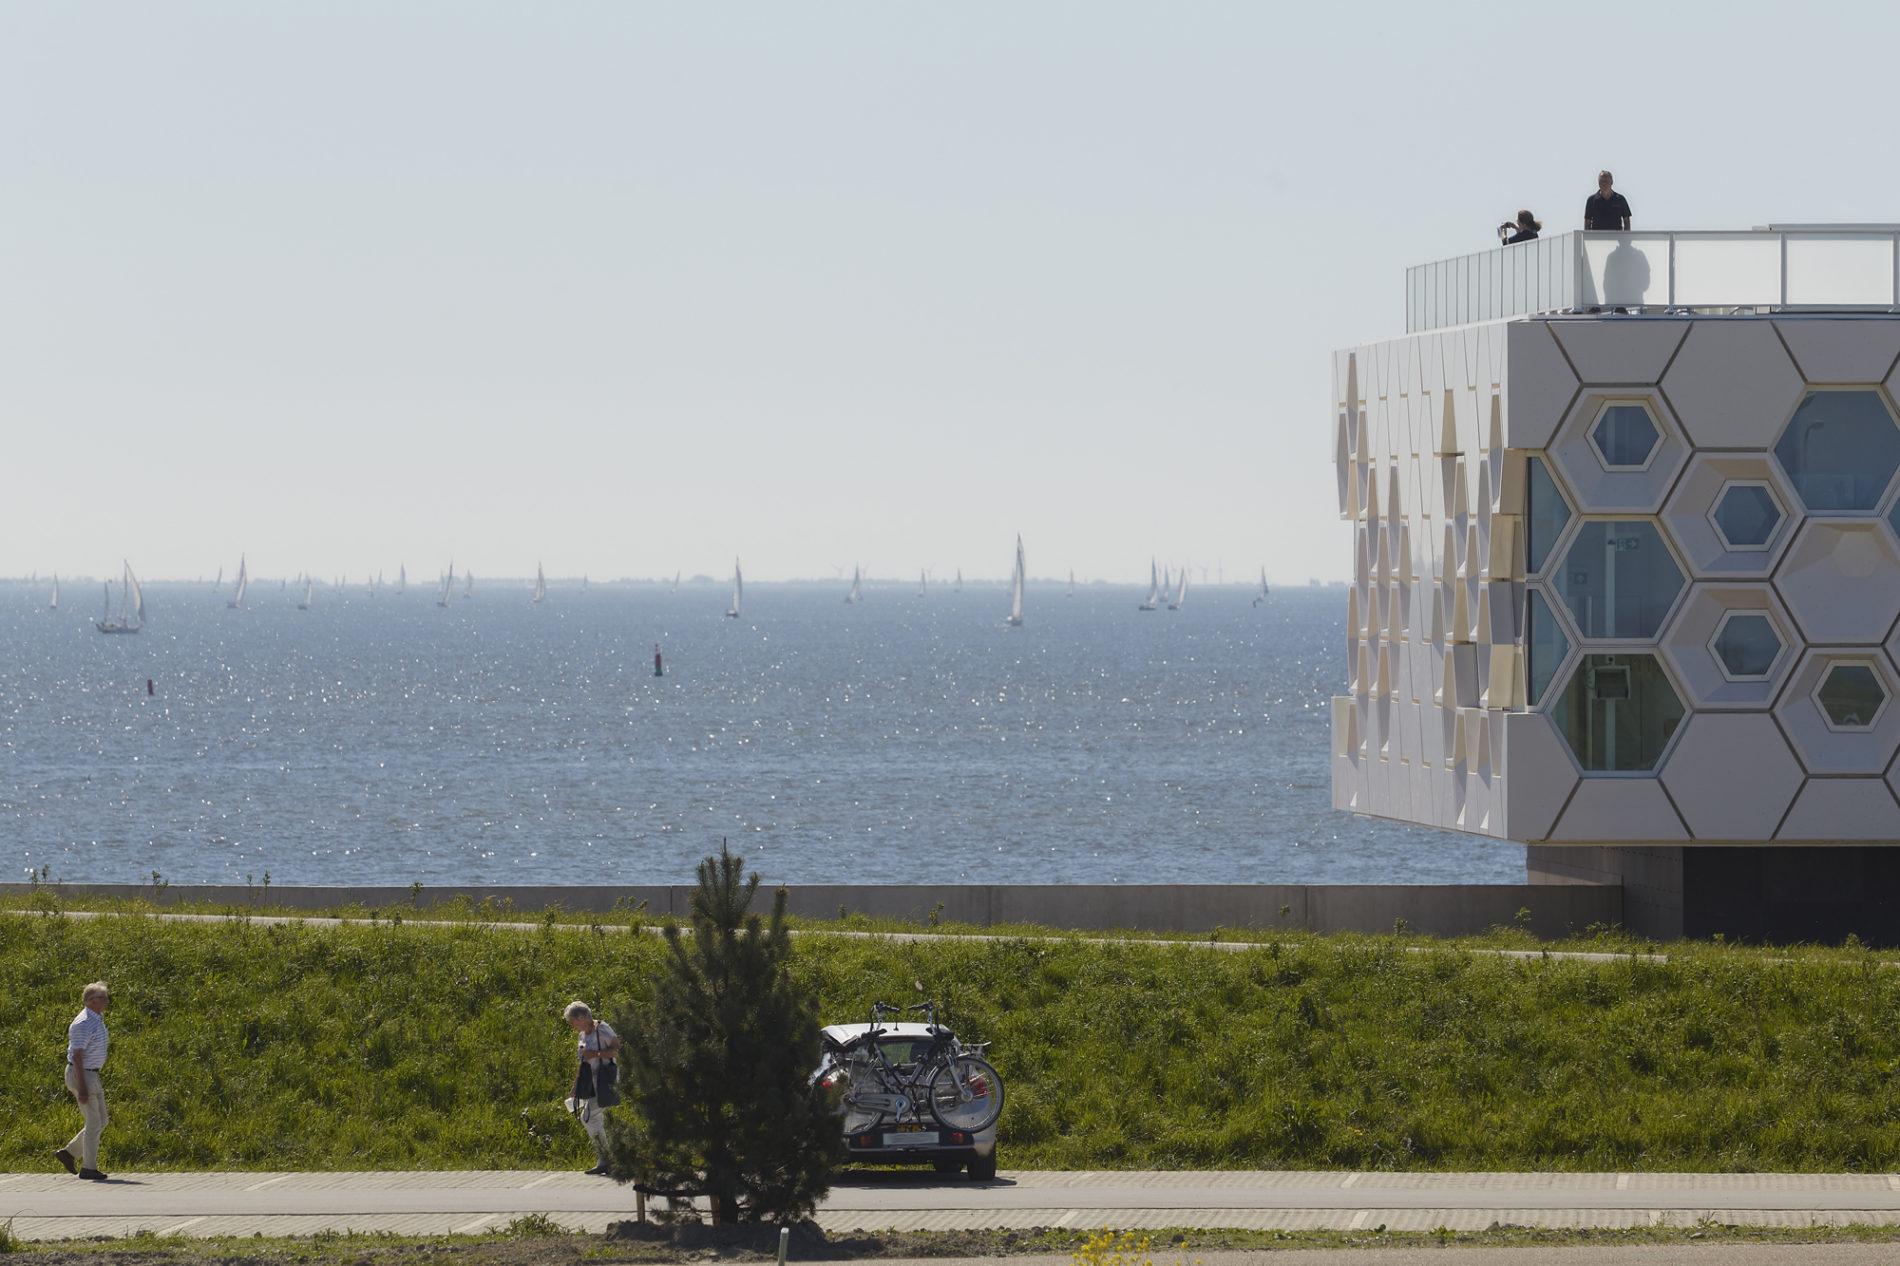 Afsluitdijk wadden center beleefcentrum GEAR Fotograaf: Gerard van Beek